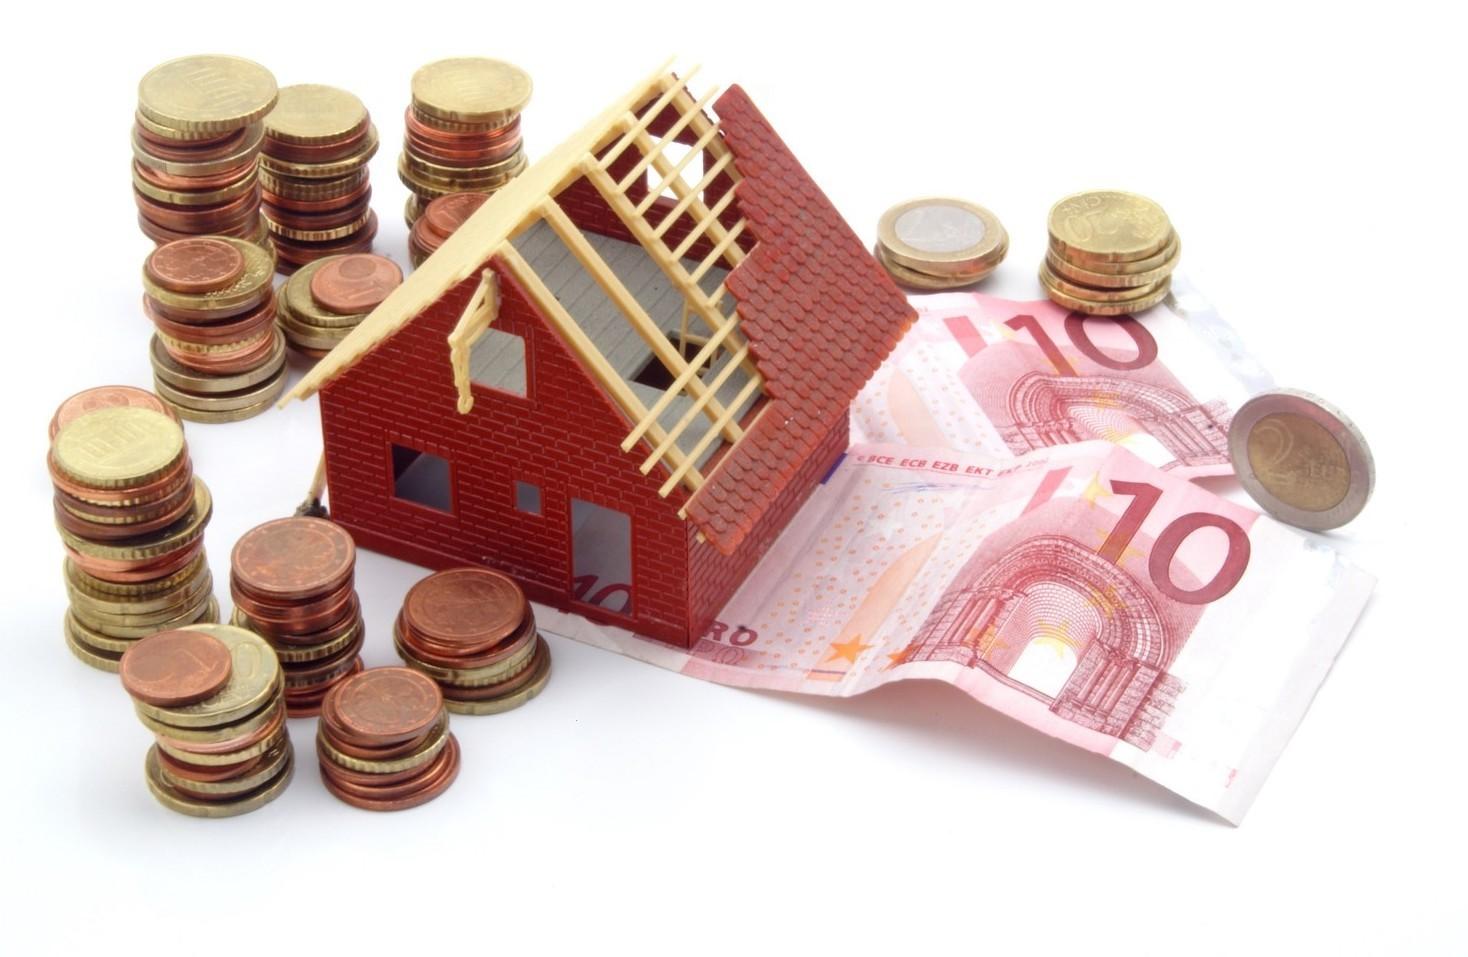 Chi paga le spese del notaio per il rogito casa tra chi vende e compra